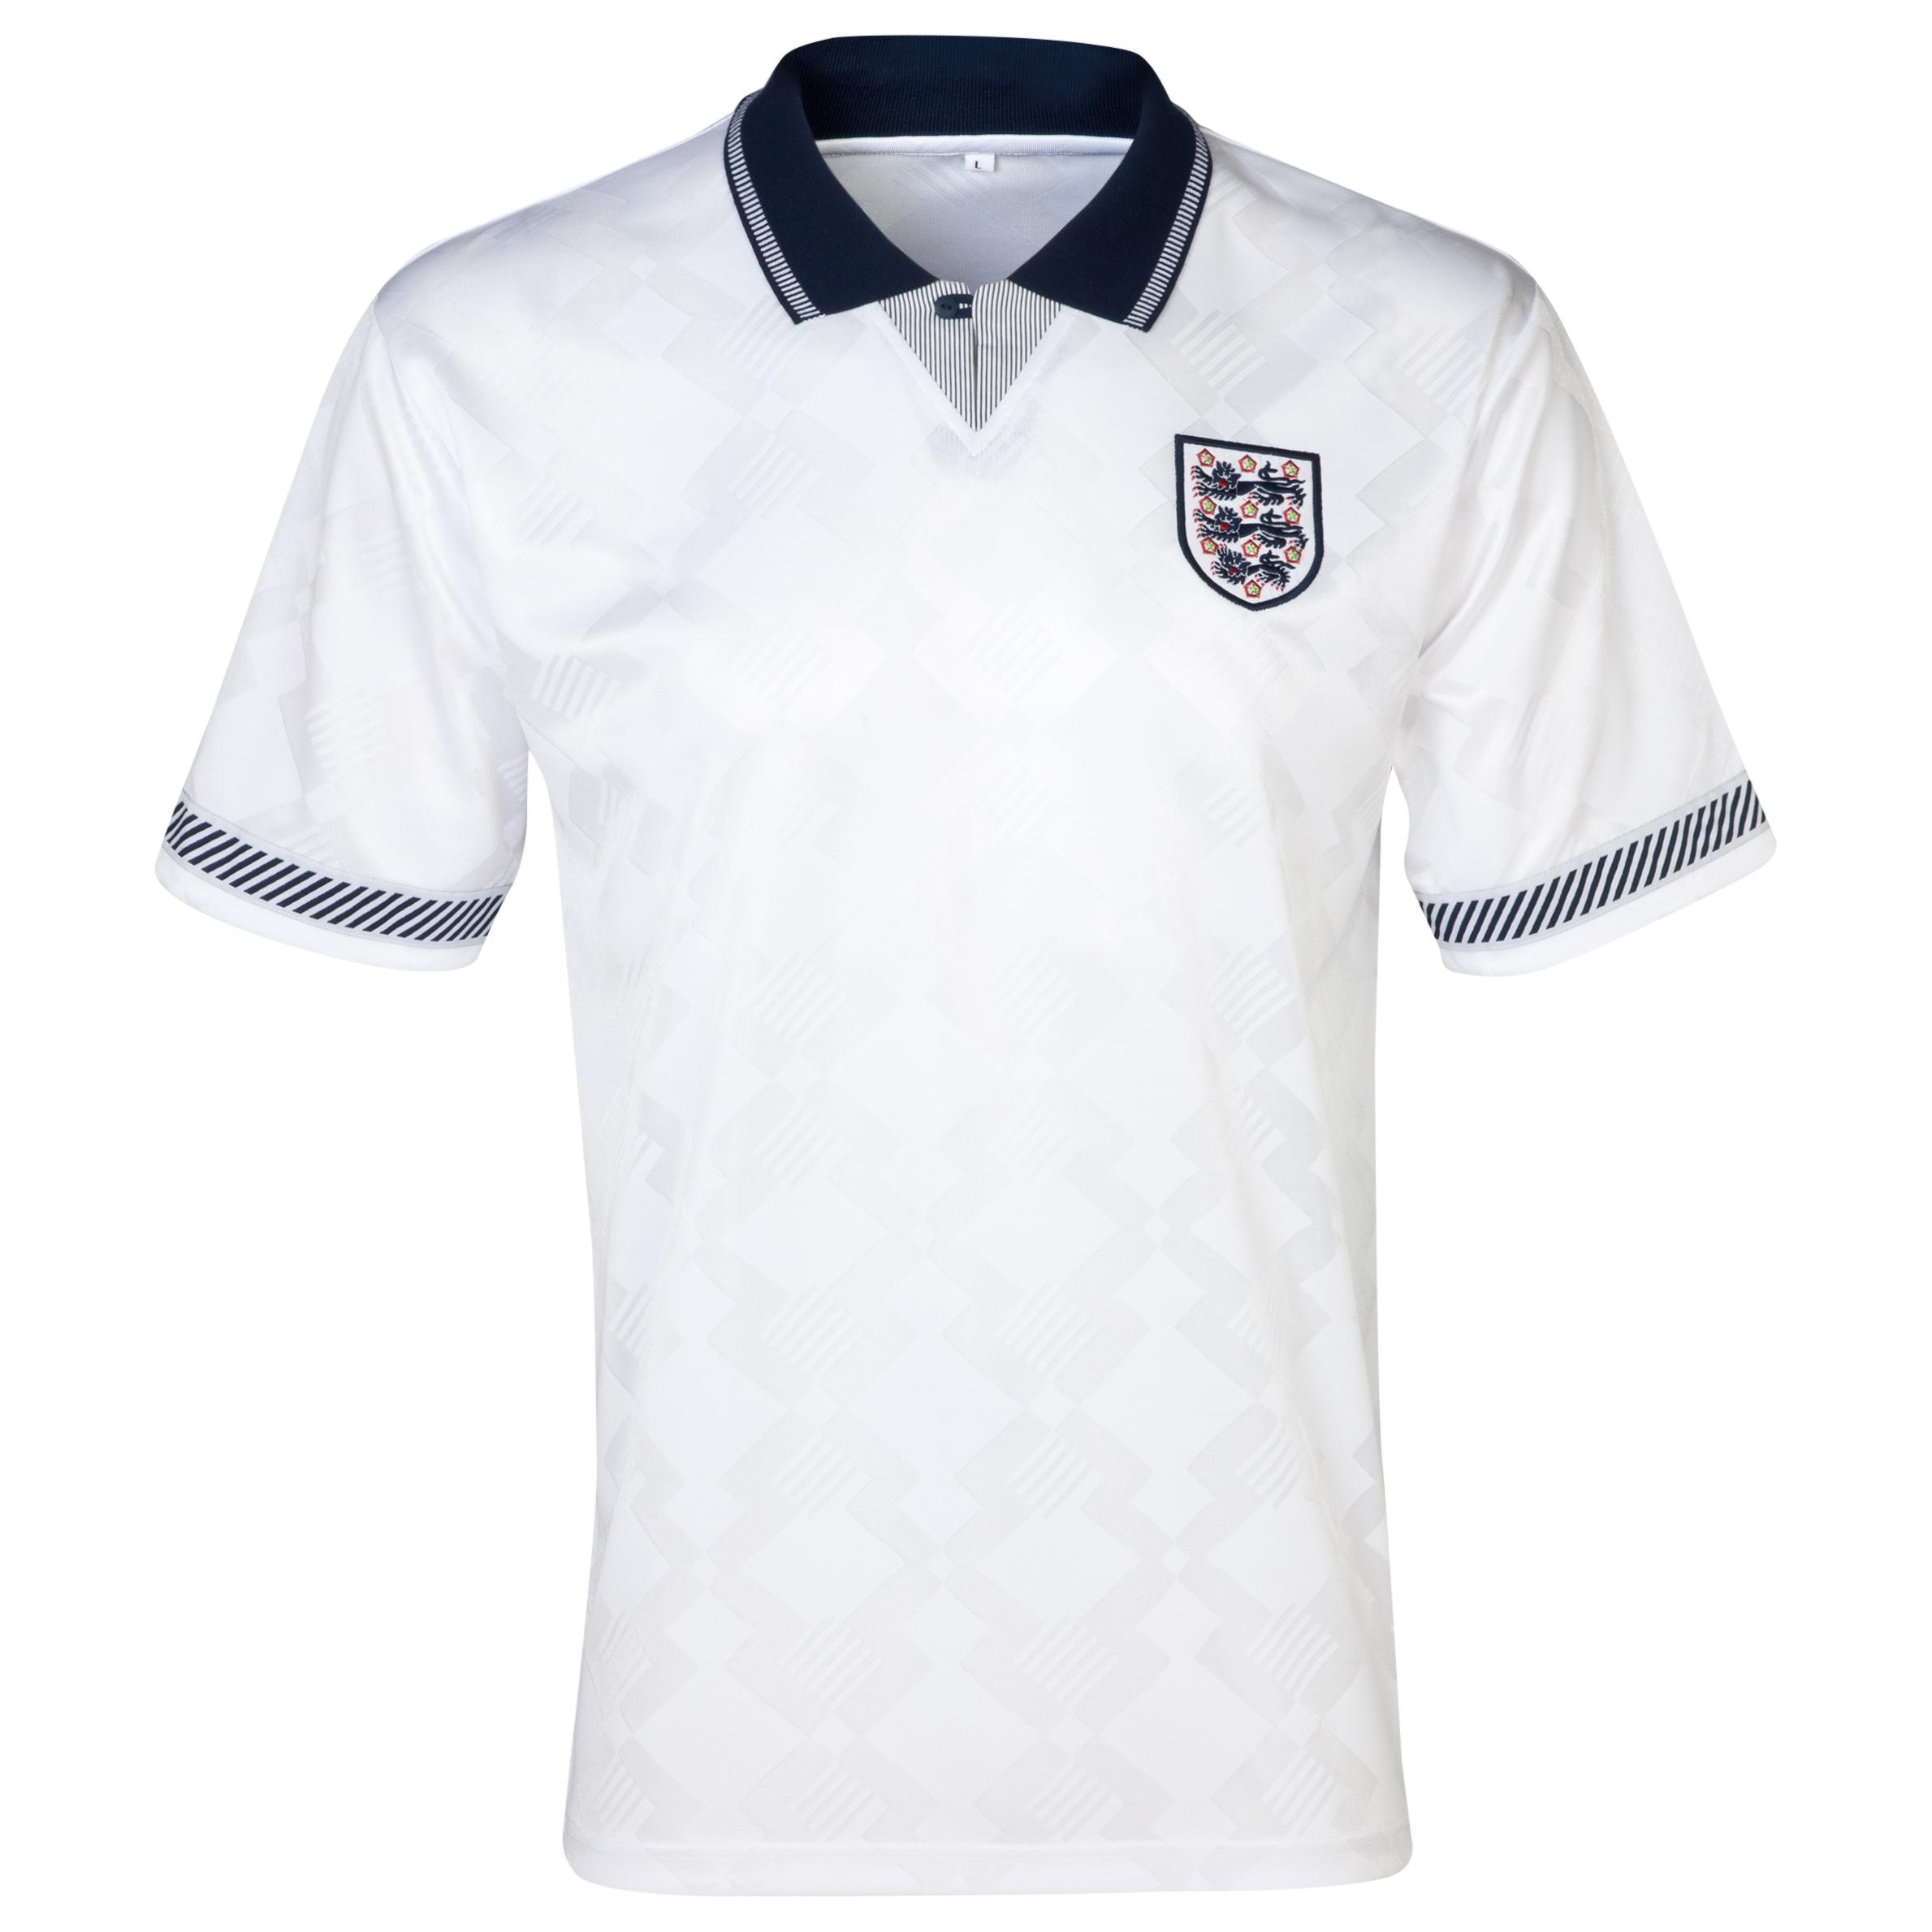 England 1990 World Cup Finals No19 Shirt